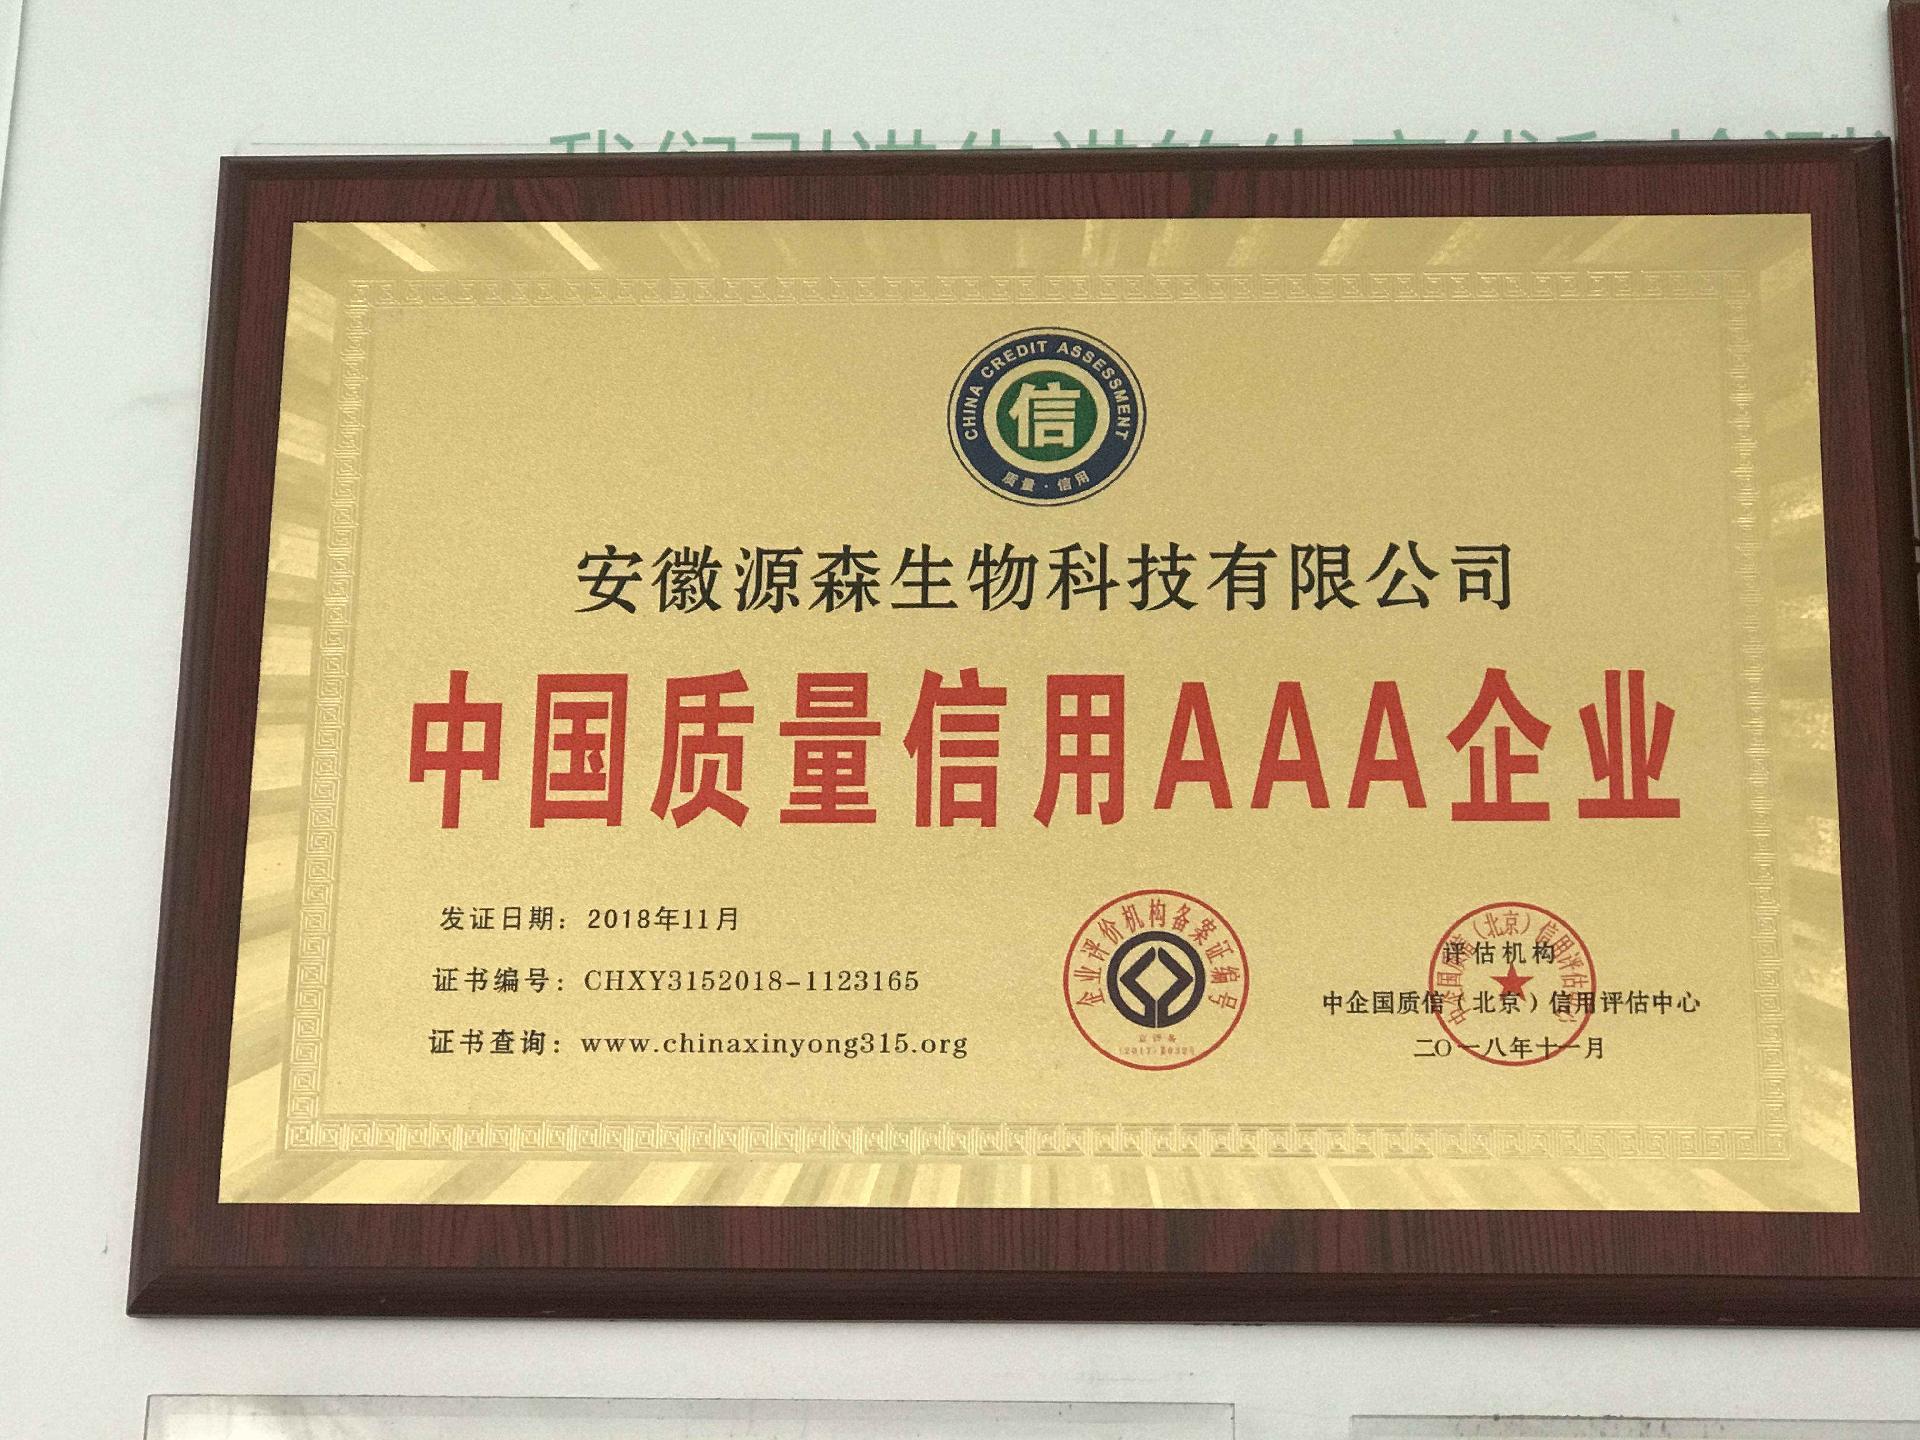 中国质量信用AAA企业